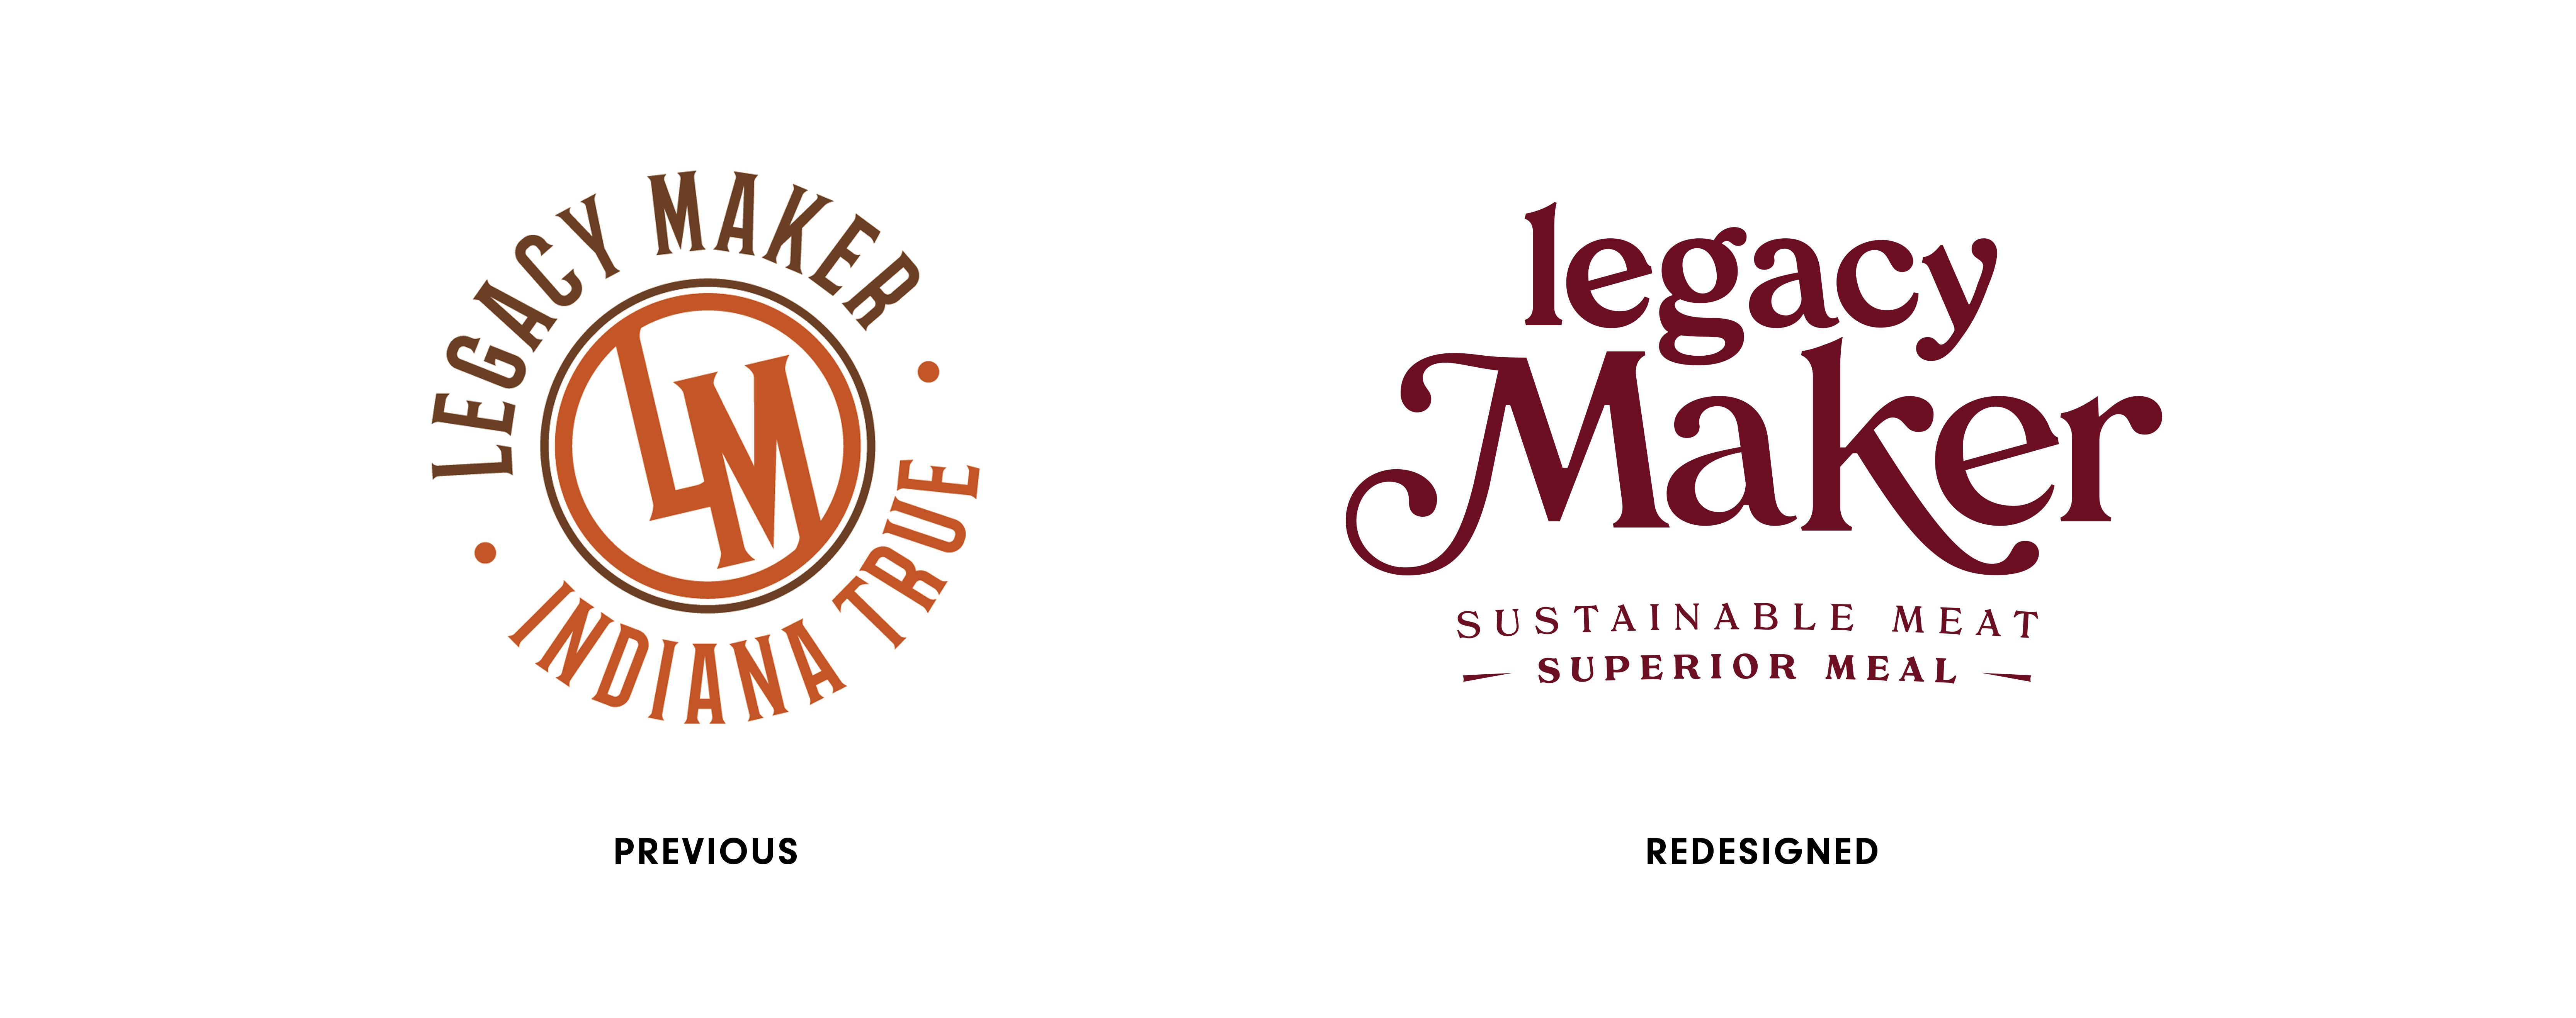 LM beforeafter Rebrand: Legacy Maker